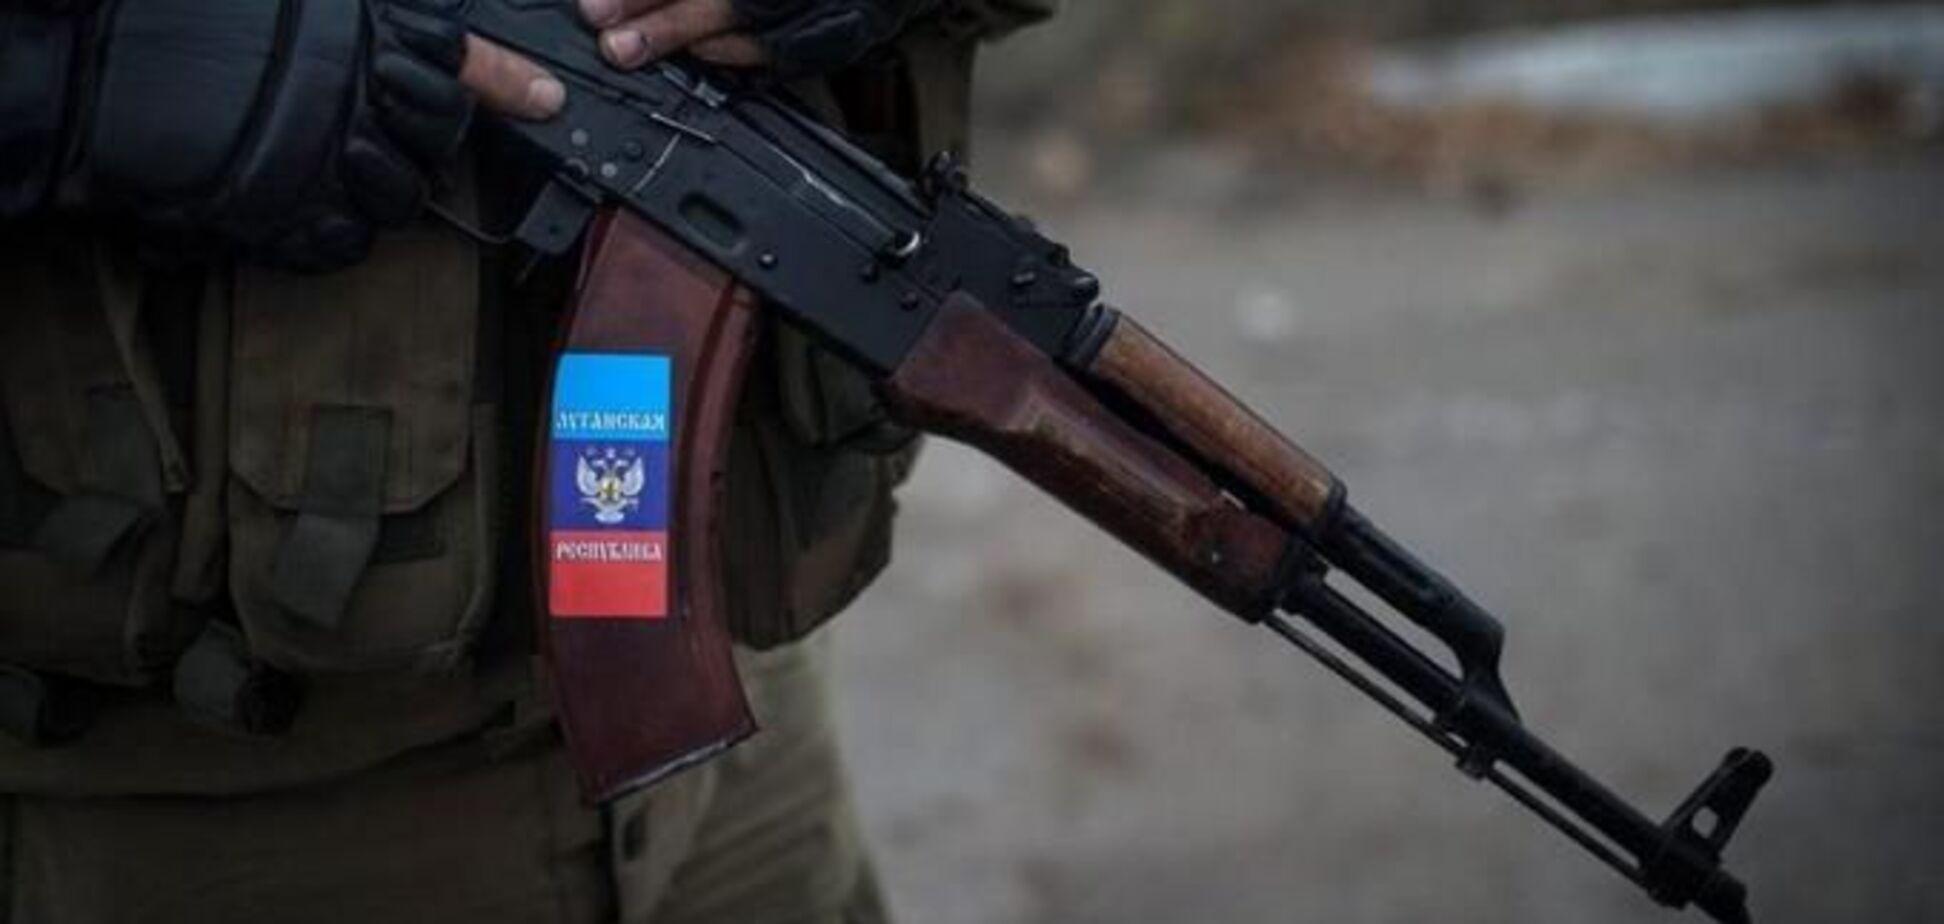 'Волати не станемо': нацбол Лимонов поскаржився на затримання 'ЛНРівца' в Росії